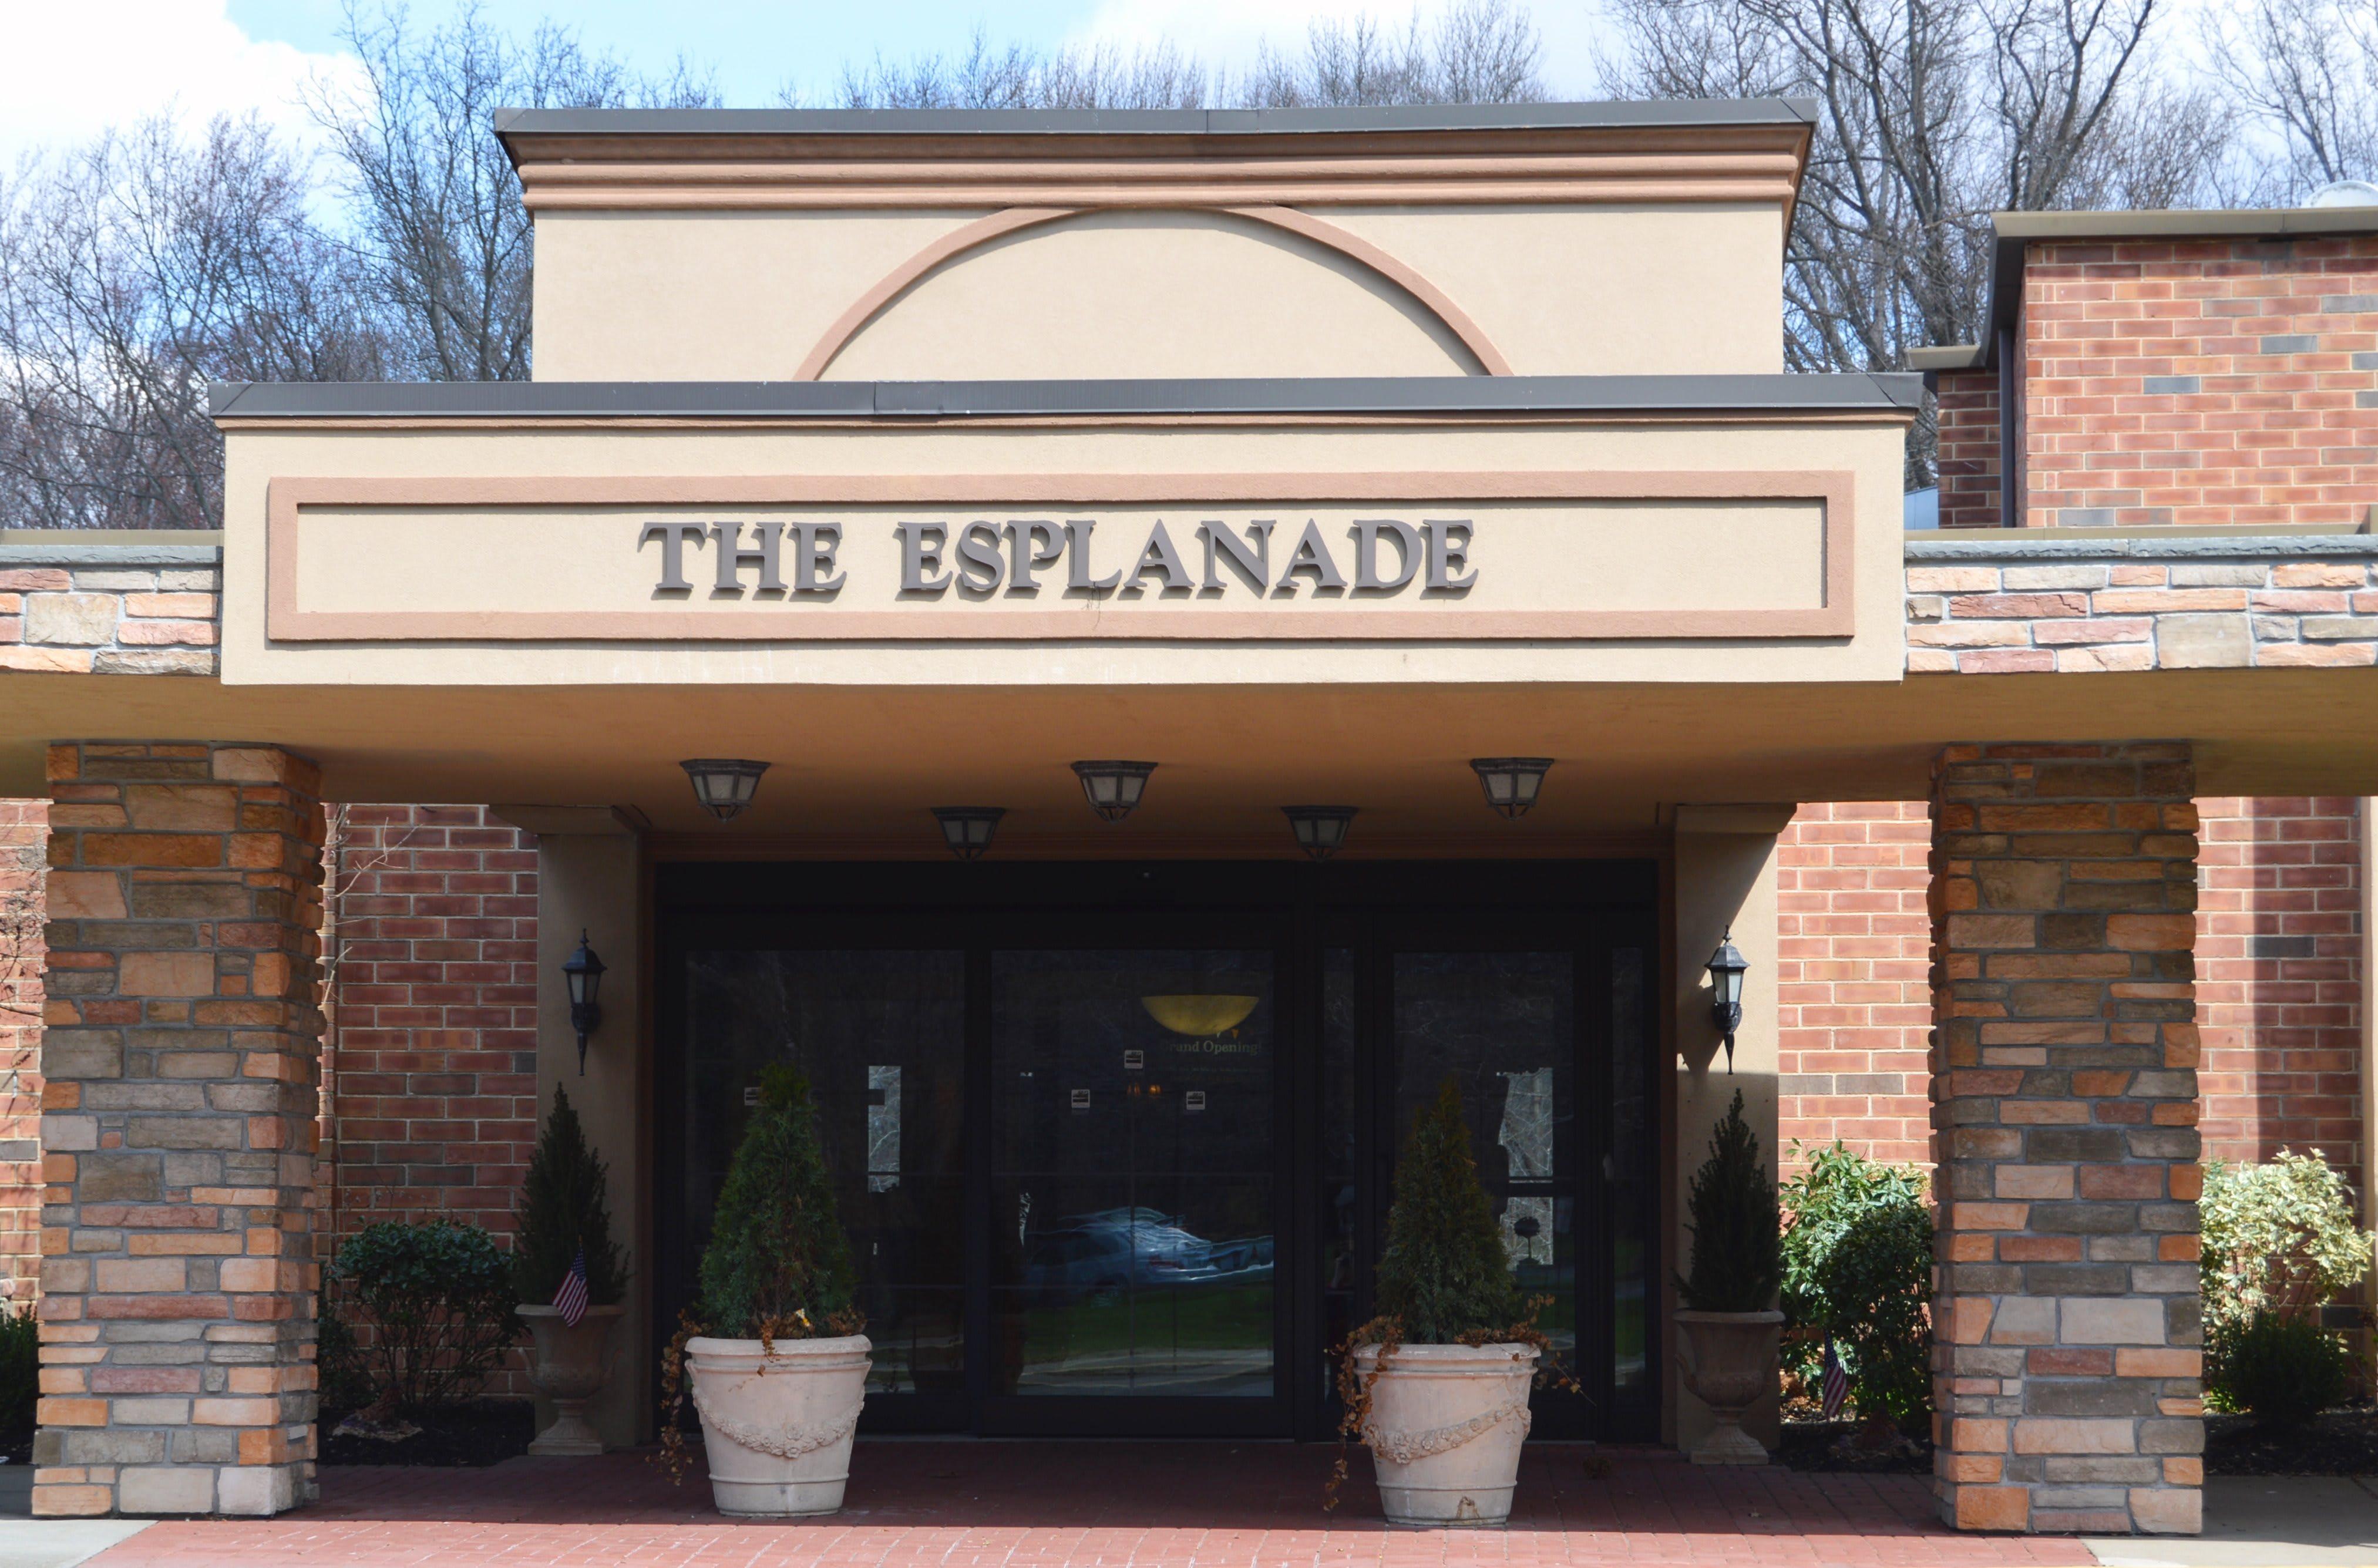 Photo 1 of The Esplanade at Palisades